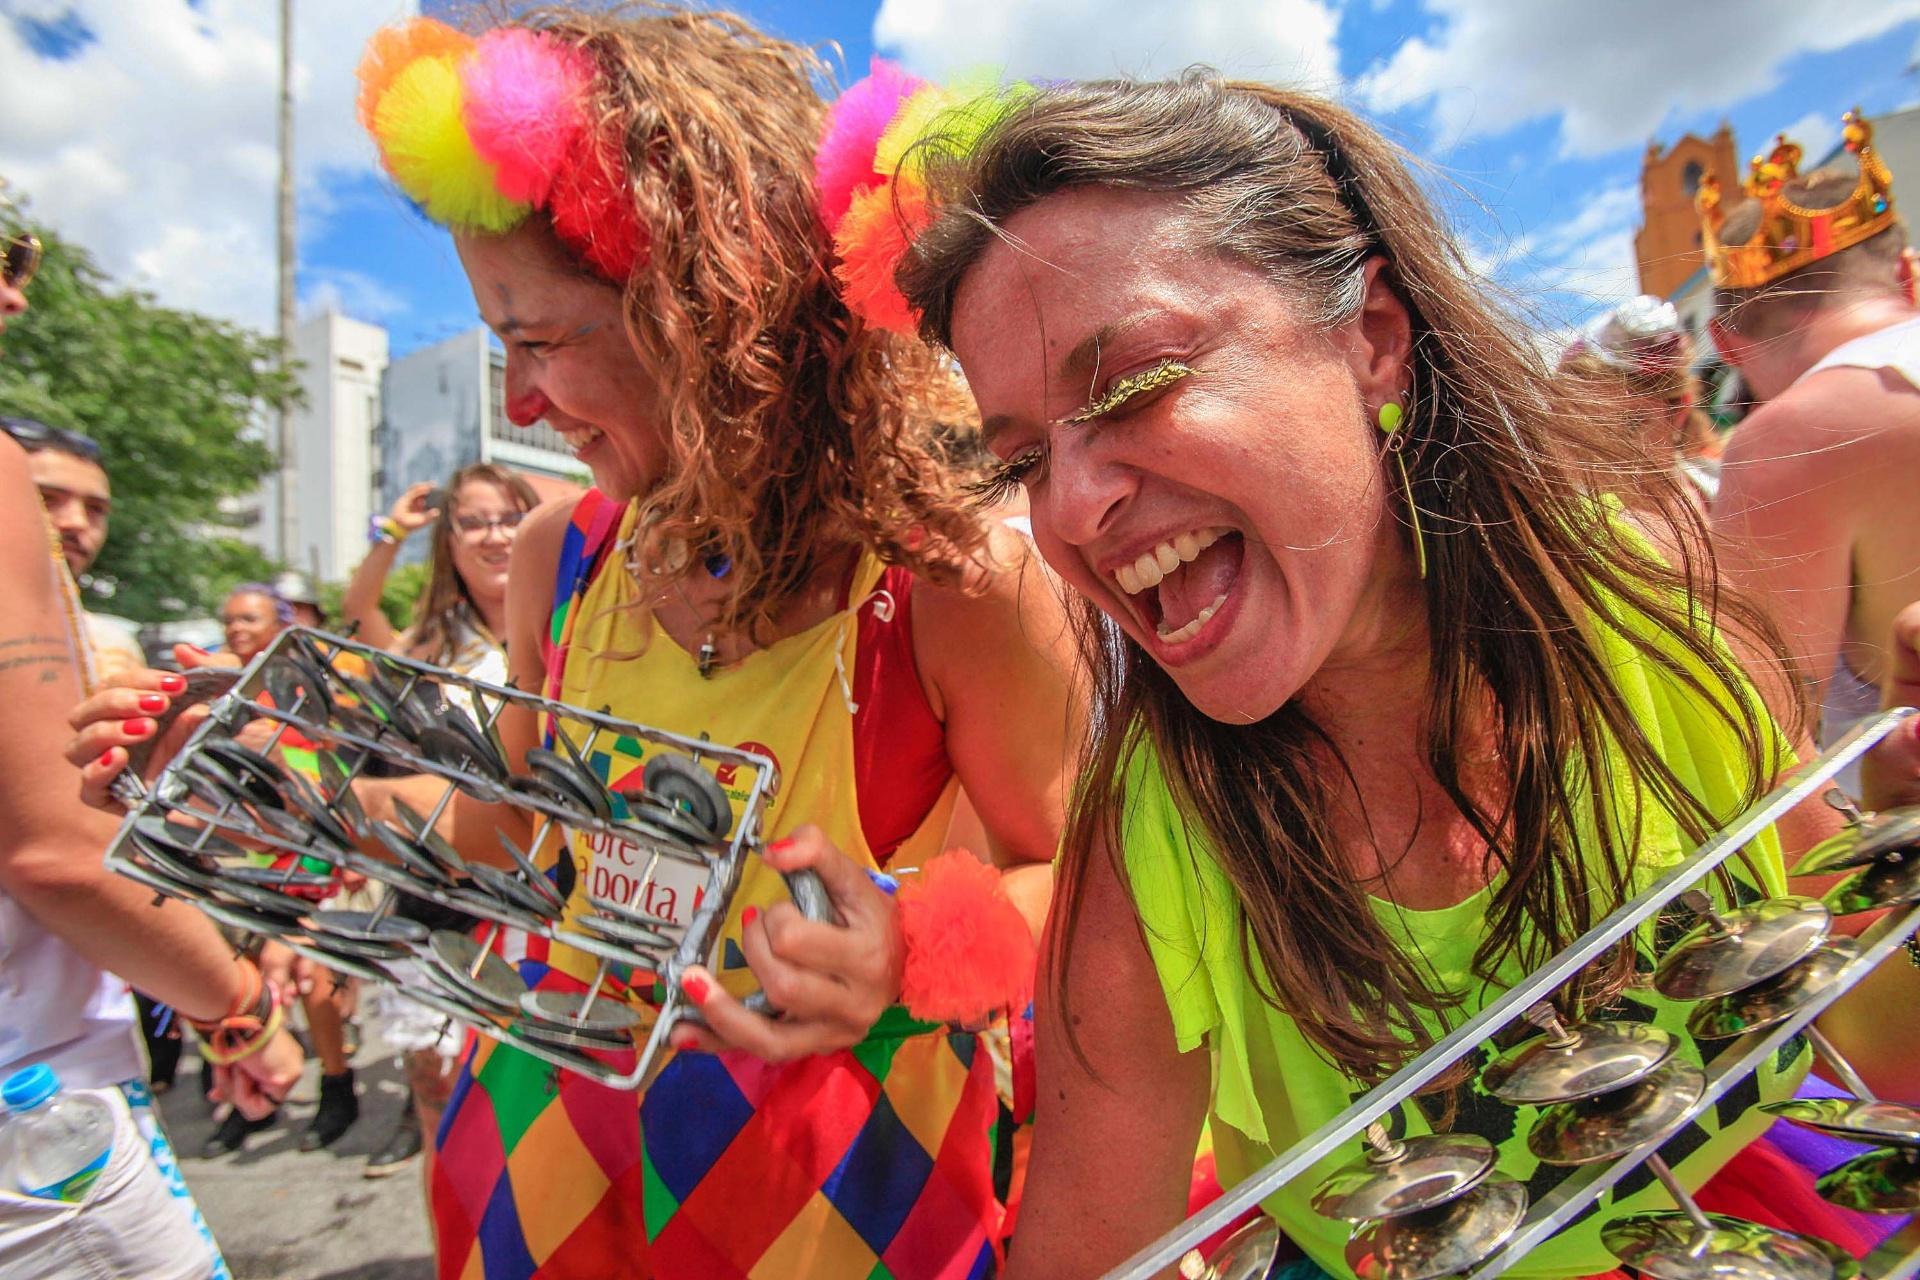 Acaba, não!!! Saiba quais são os blocos que vão agitar o pós-carnaval 2019